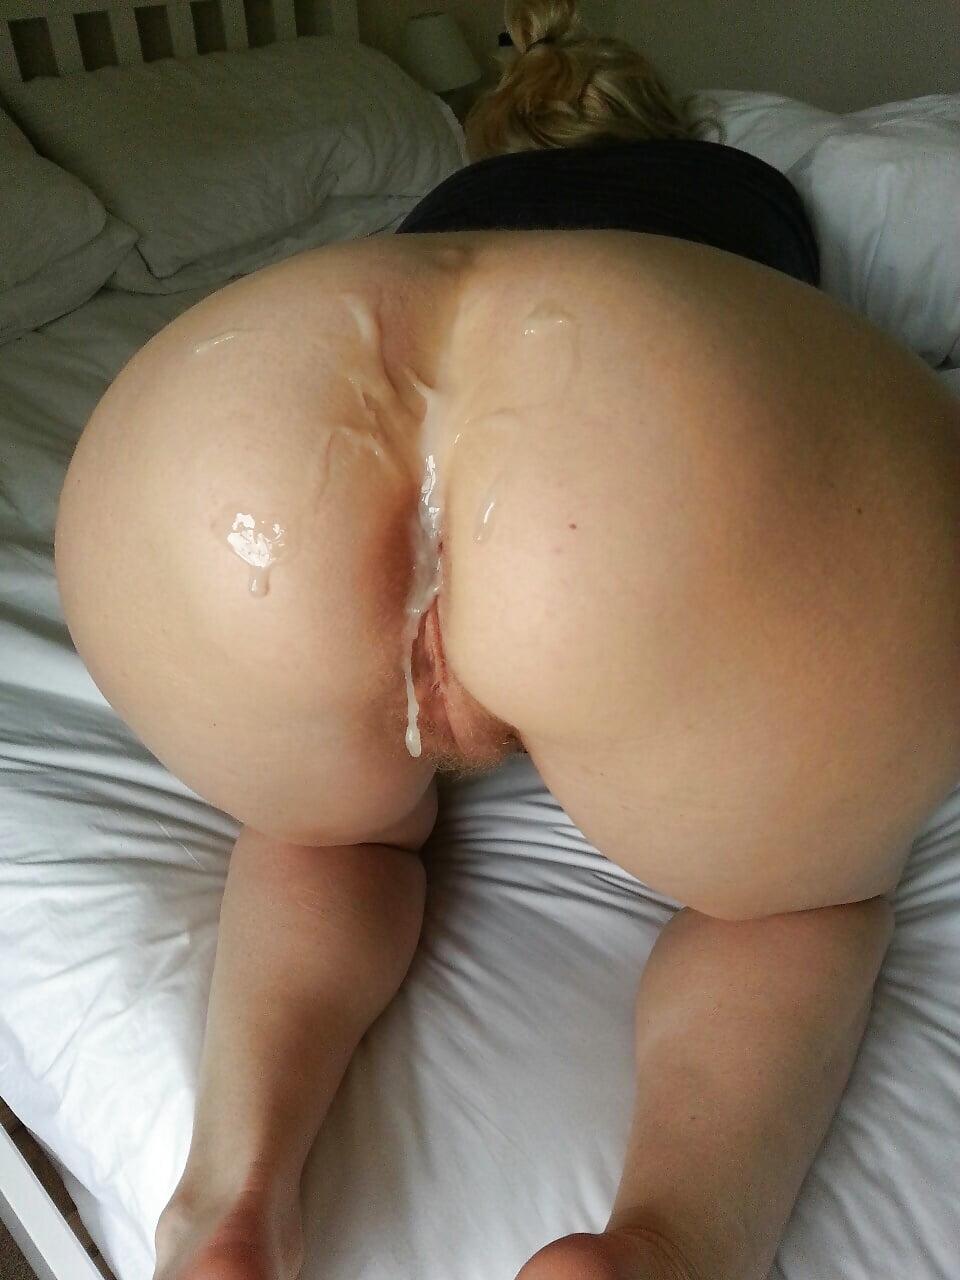 Cum in butt nude